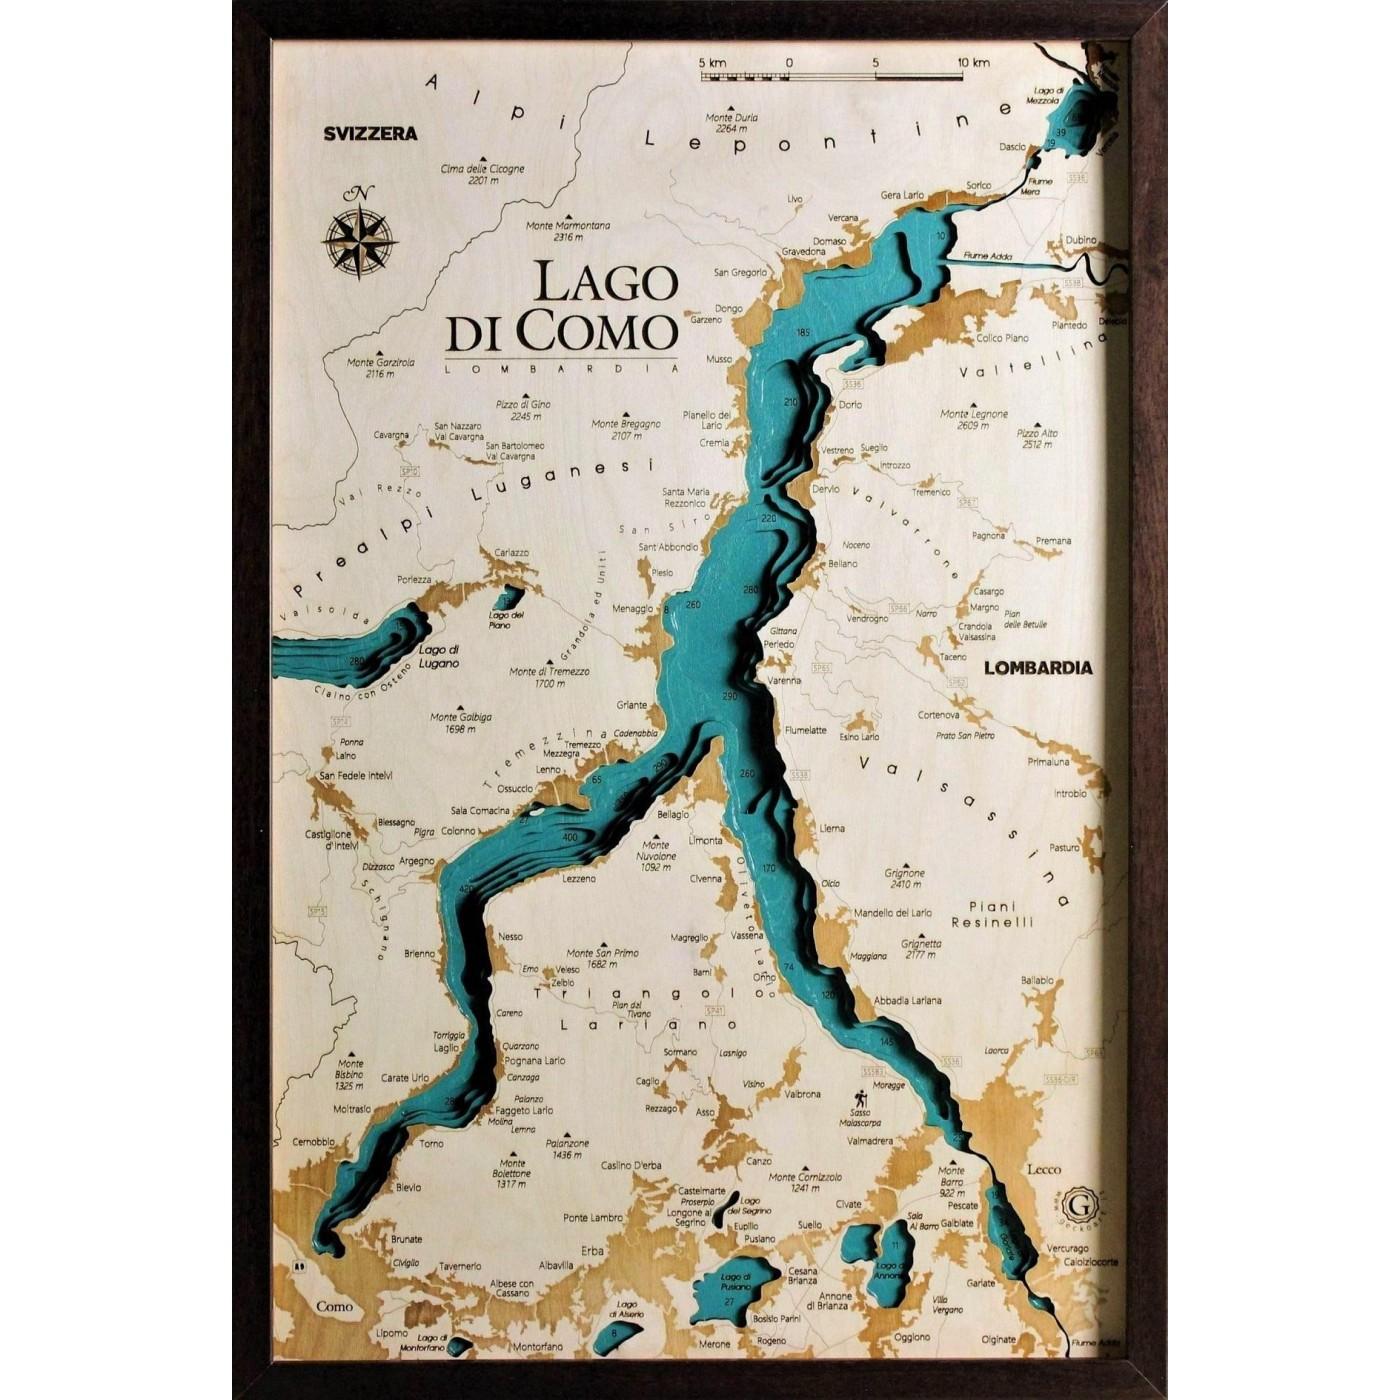 Lavello Potenza Cartina Geografica.Mappa Del Lago Di Como